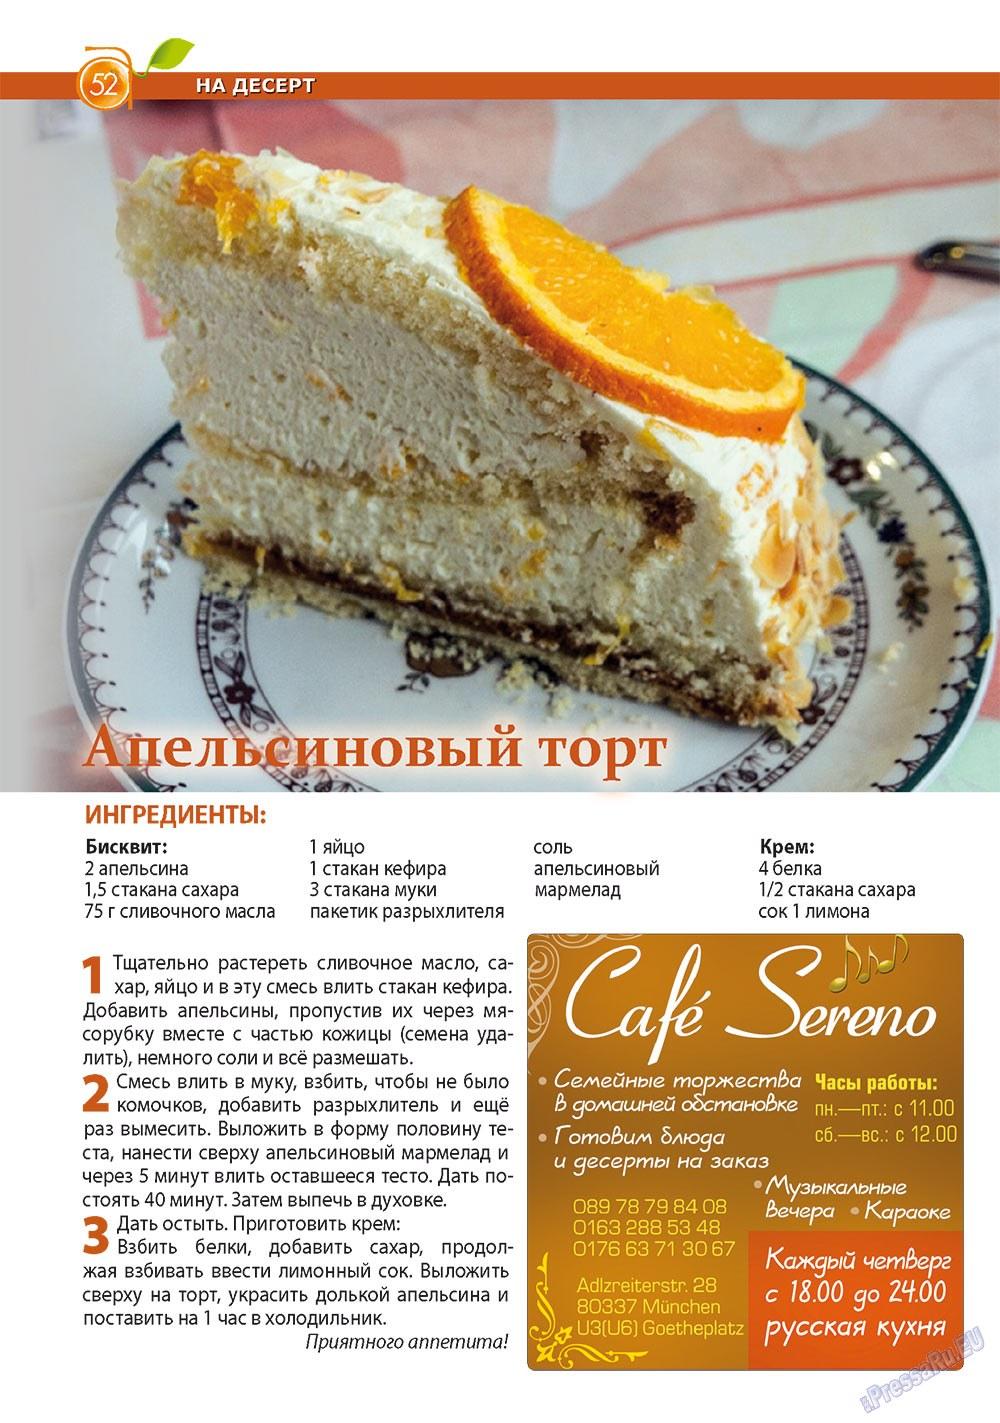 Апельсин (журнал). 2012 год, номер 35, стр. 52